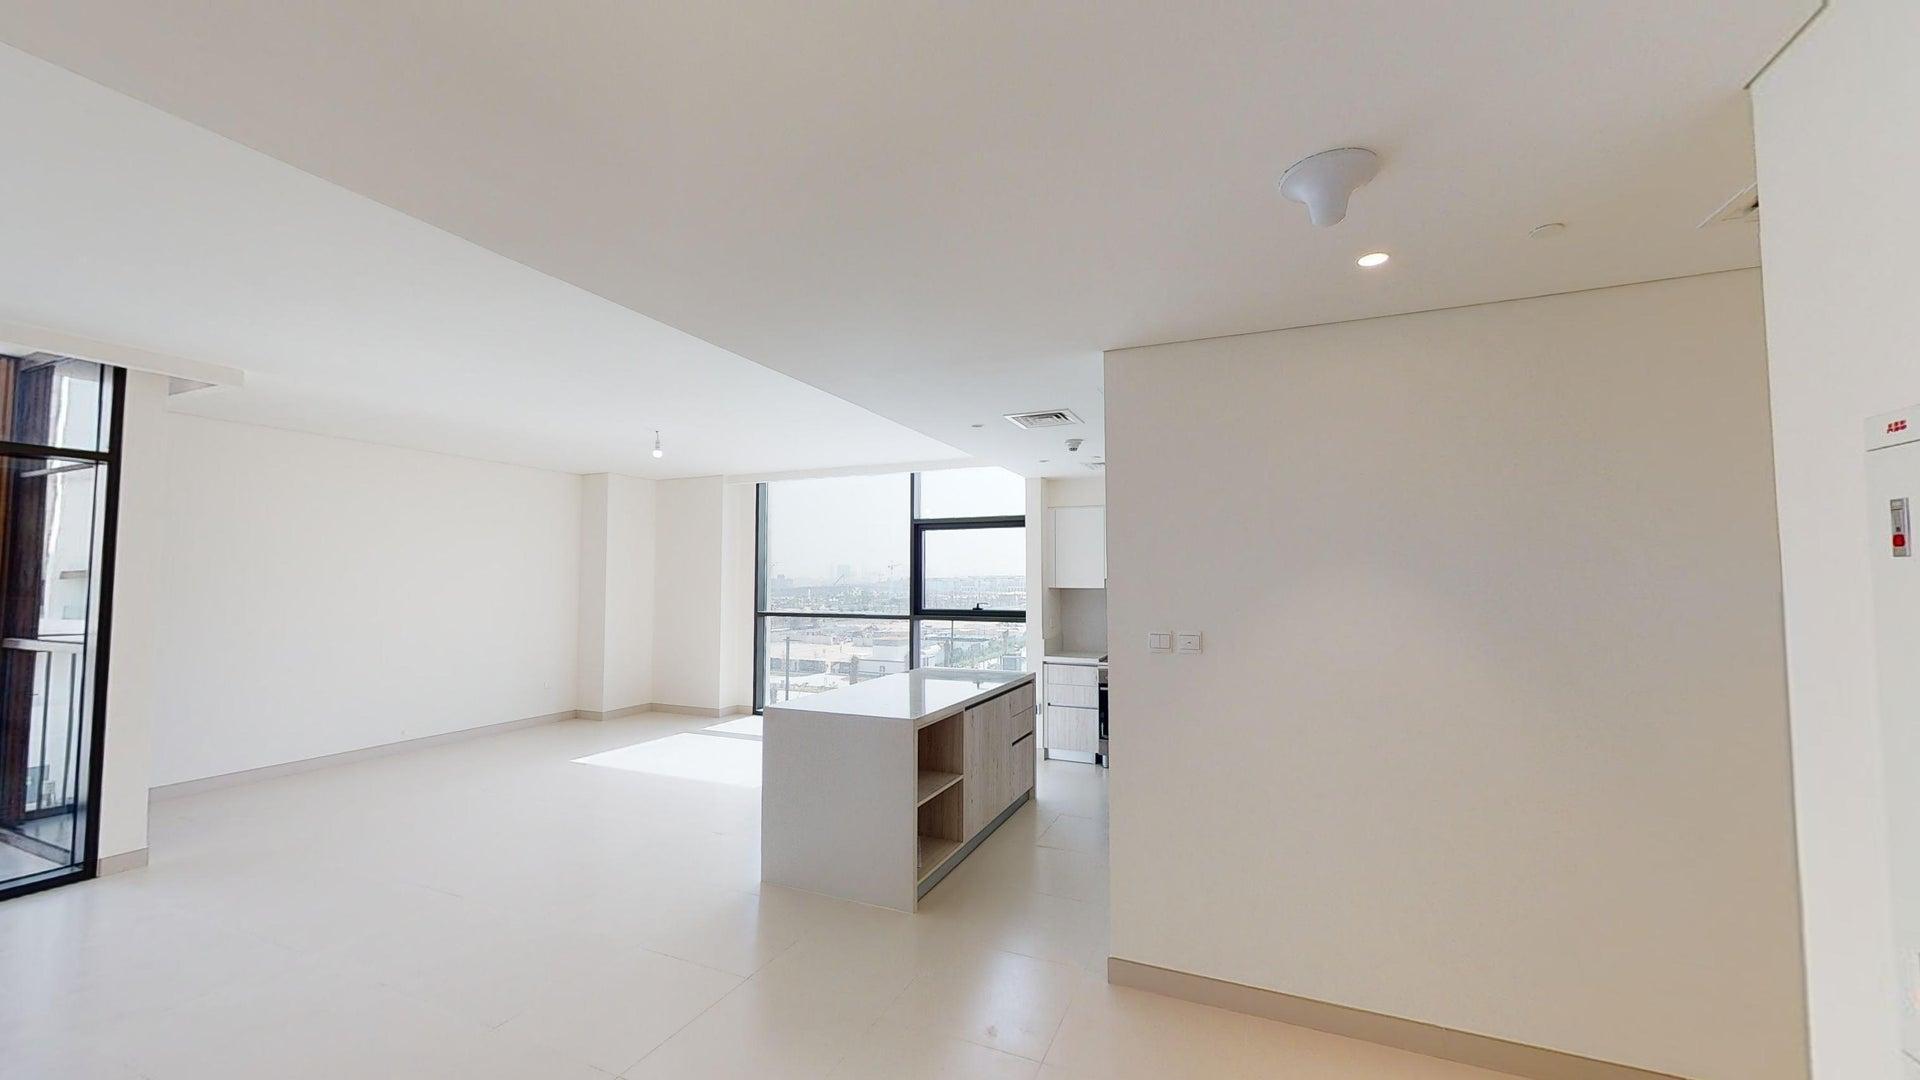 Apartamento en venta en Dubai, EAU, 3 dormitorios, 146 m2, № 24147 – foto 3